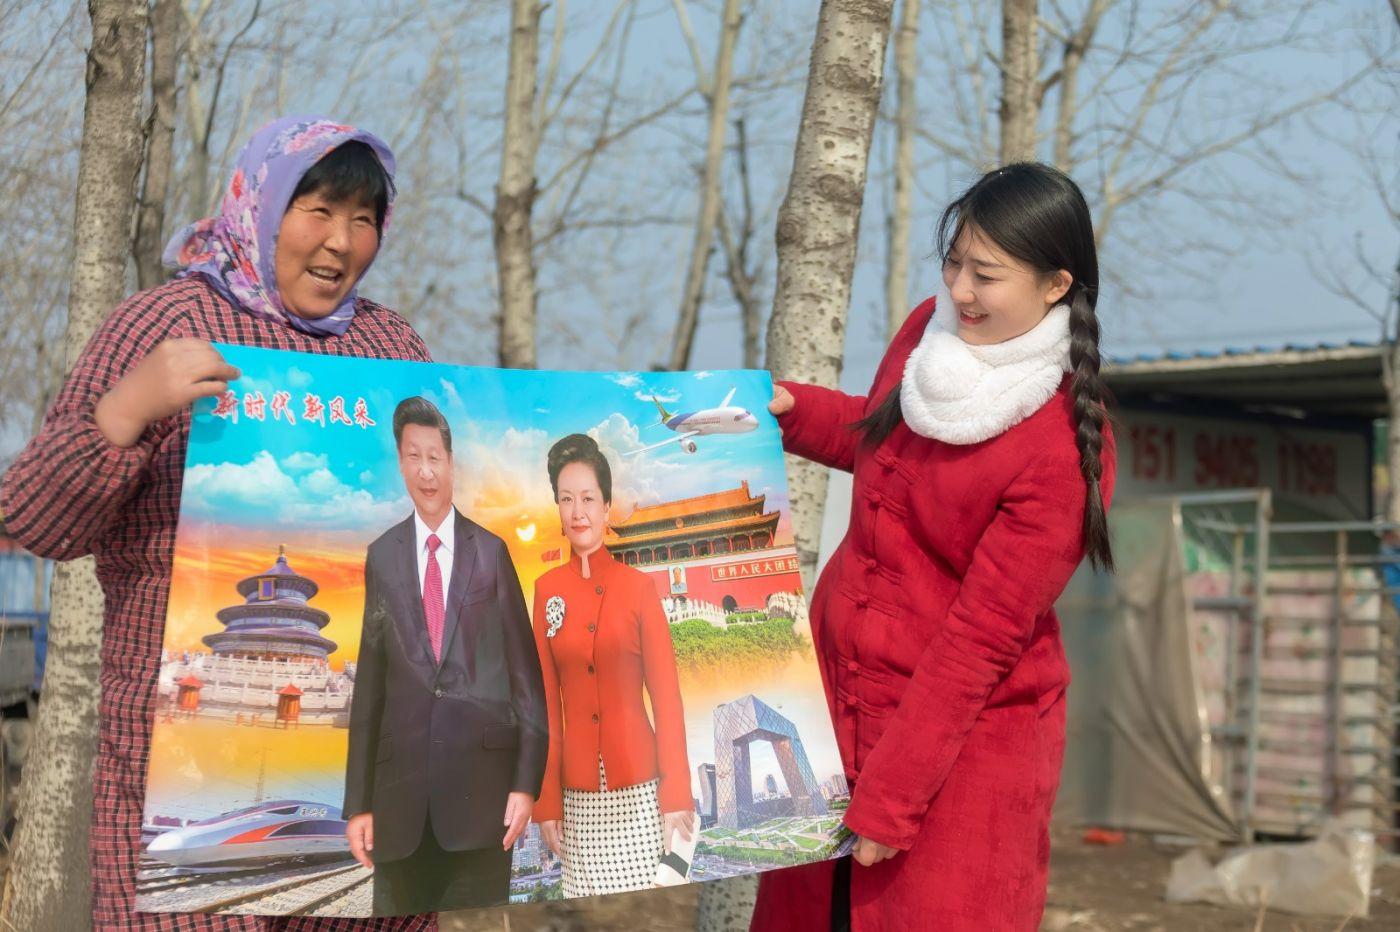 腊月二十七 乡村女教师小张老师的傅家庄年集_图1-14